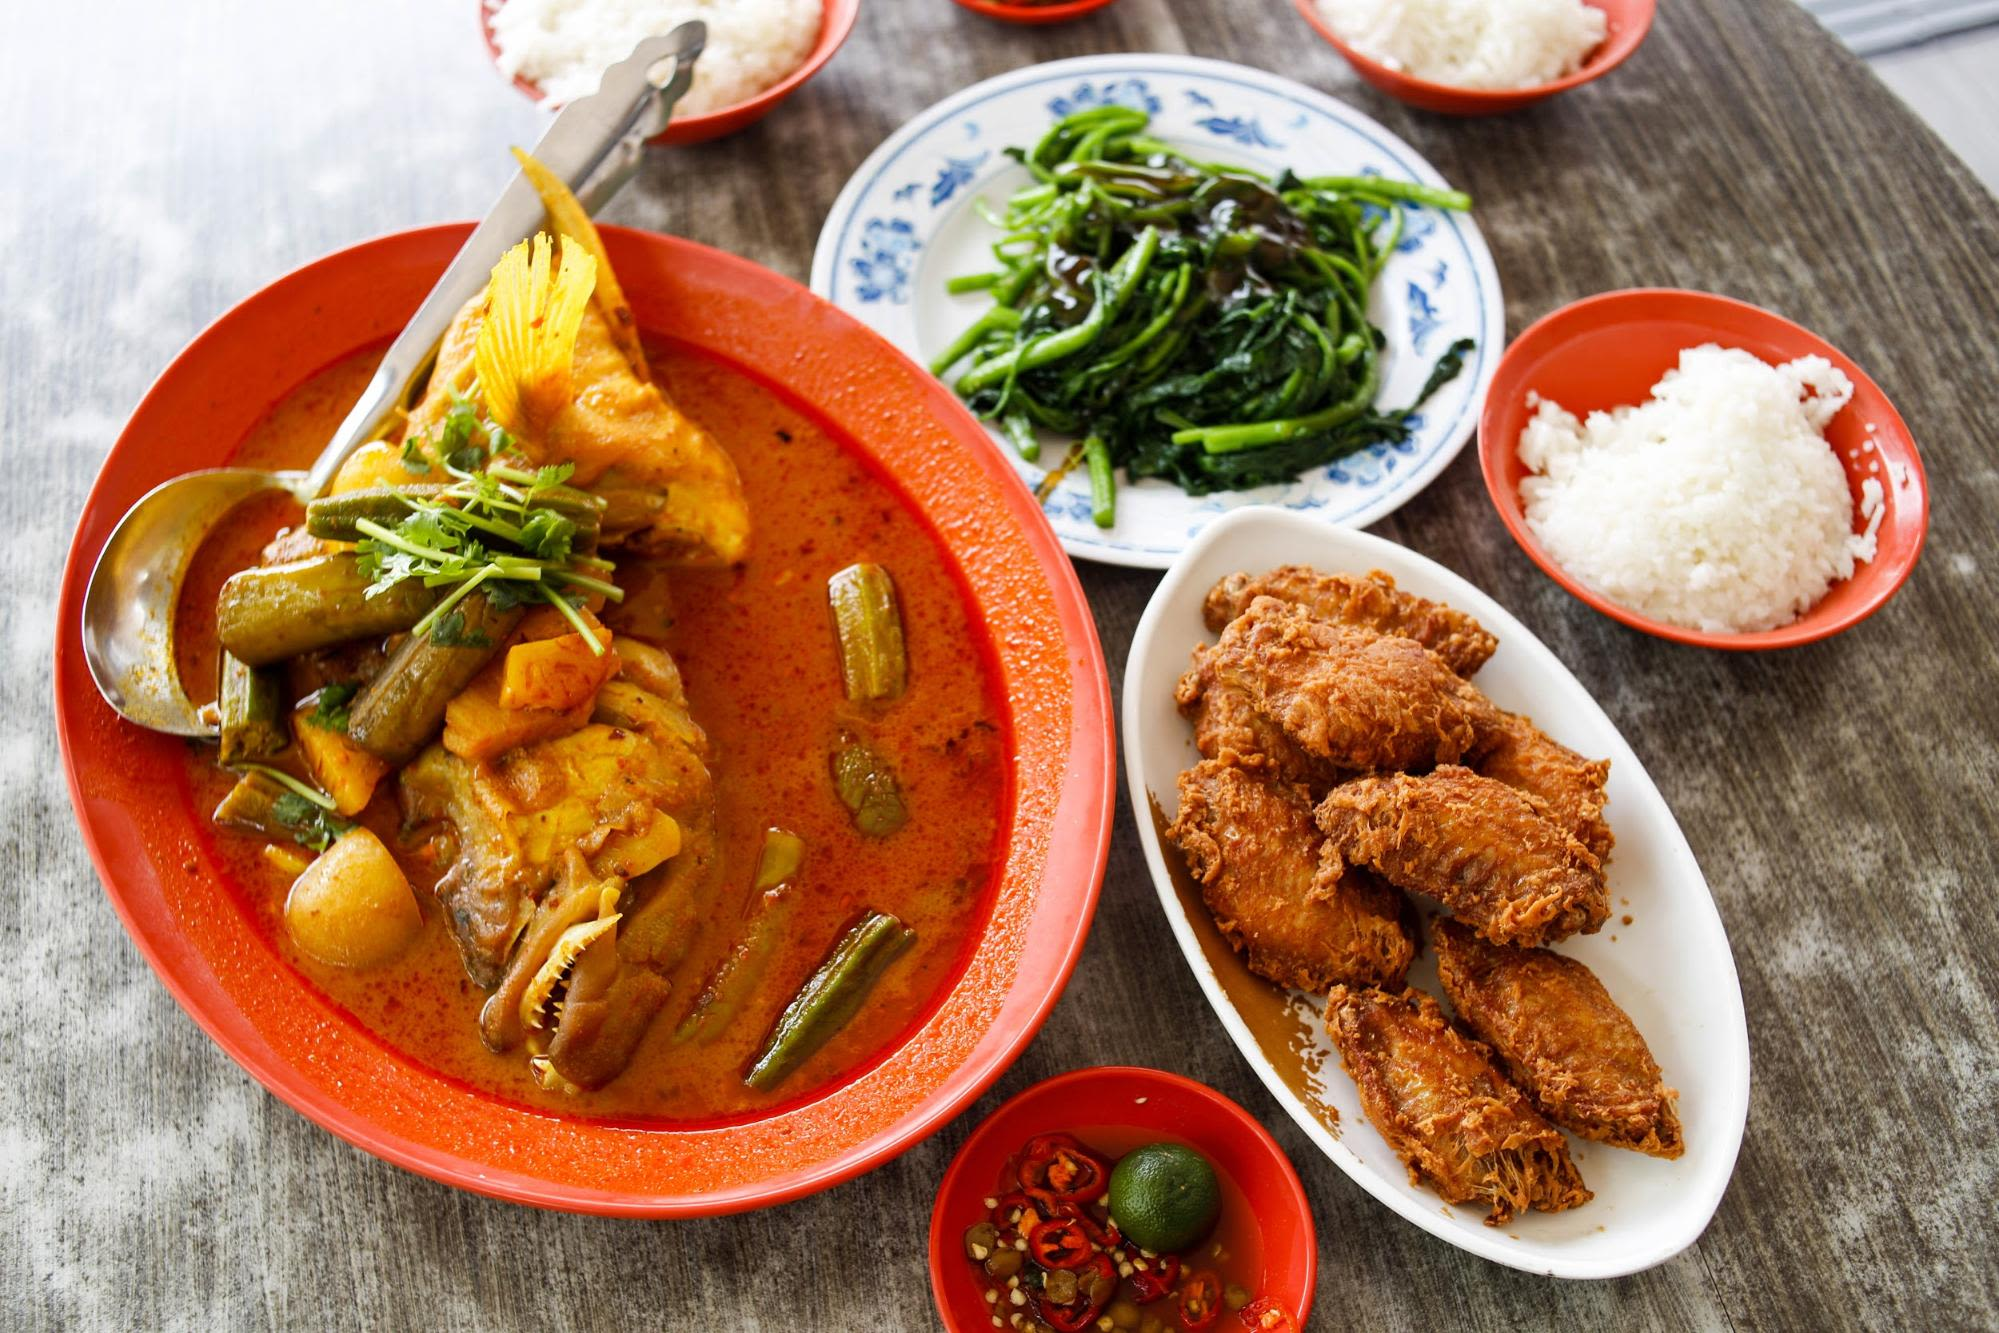 ăn trưa tại sai shun, một nhà hàng hải sản phía tây singapore